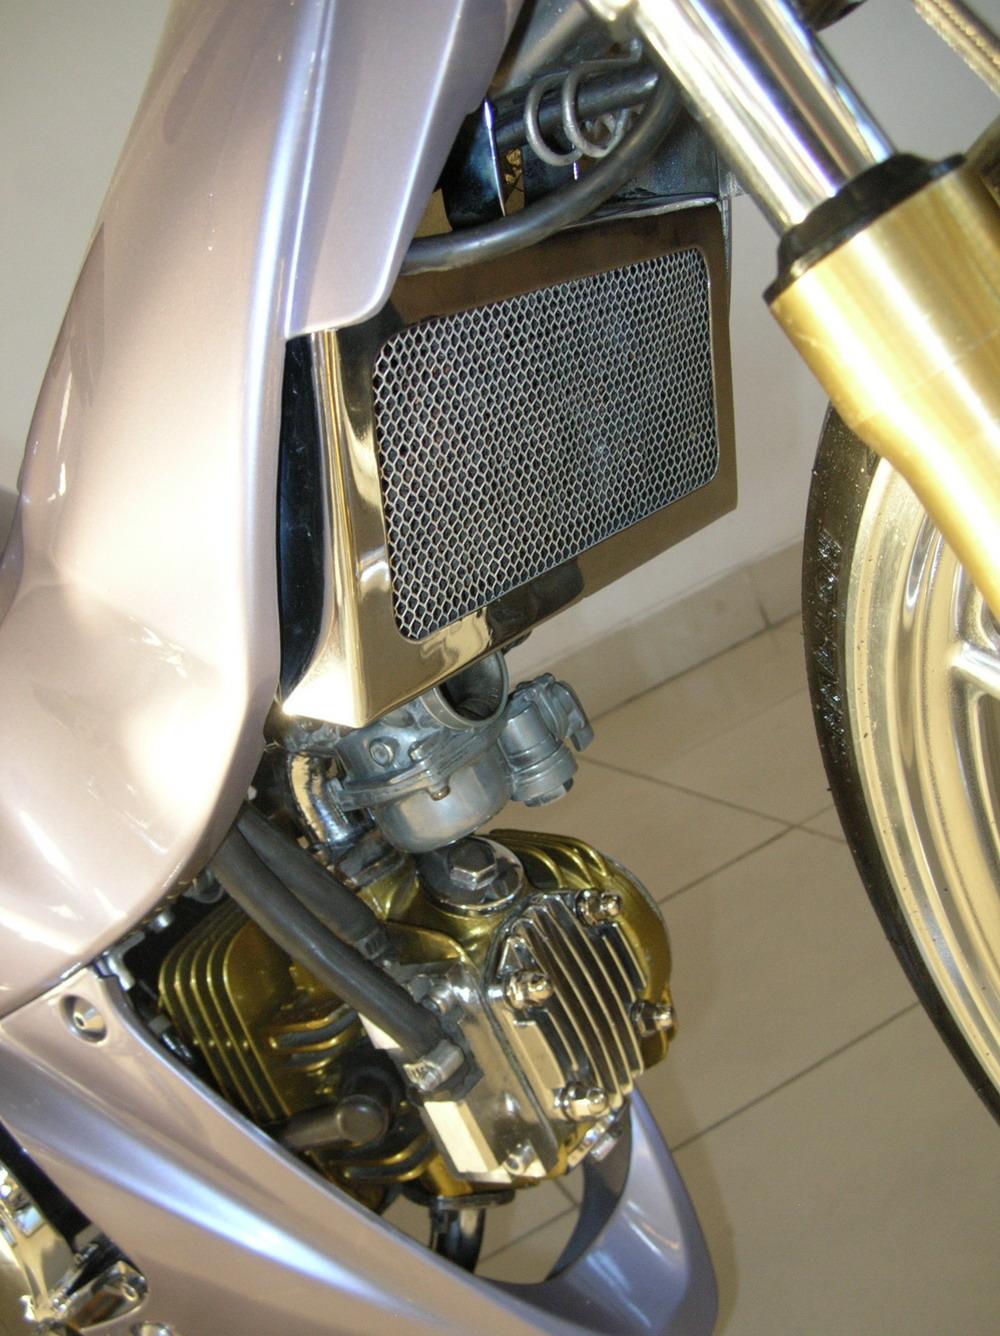 http://3.bp.blogspot.com/_mwzxyywxcGA/TI513ARCNCI/AAAAAAAABIM/ZberTjb_380/s1600/radiator+honda+supra.jpg